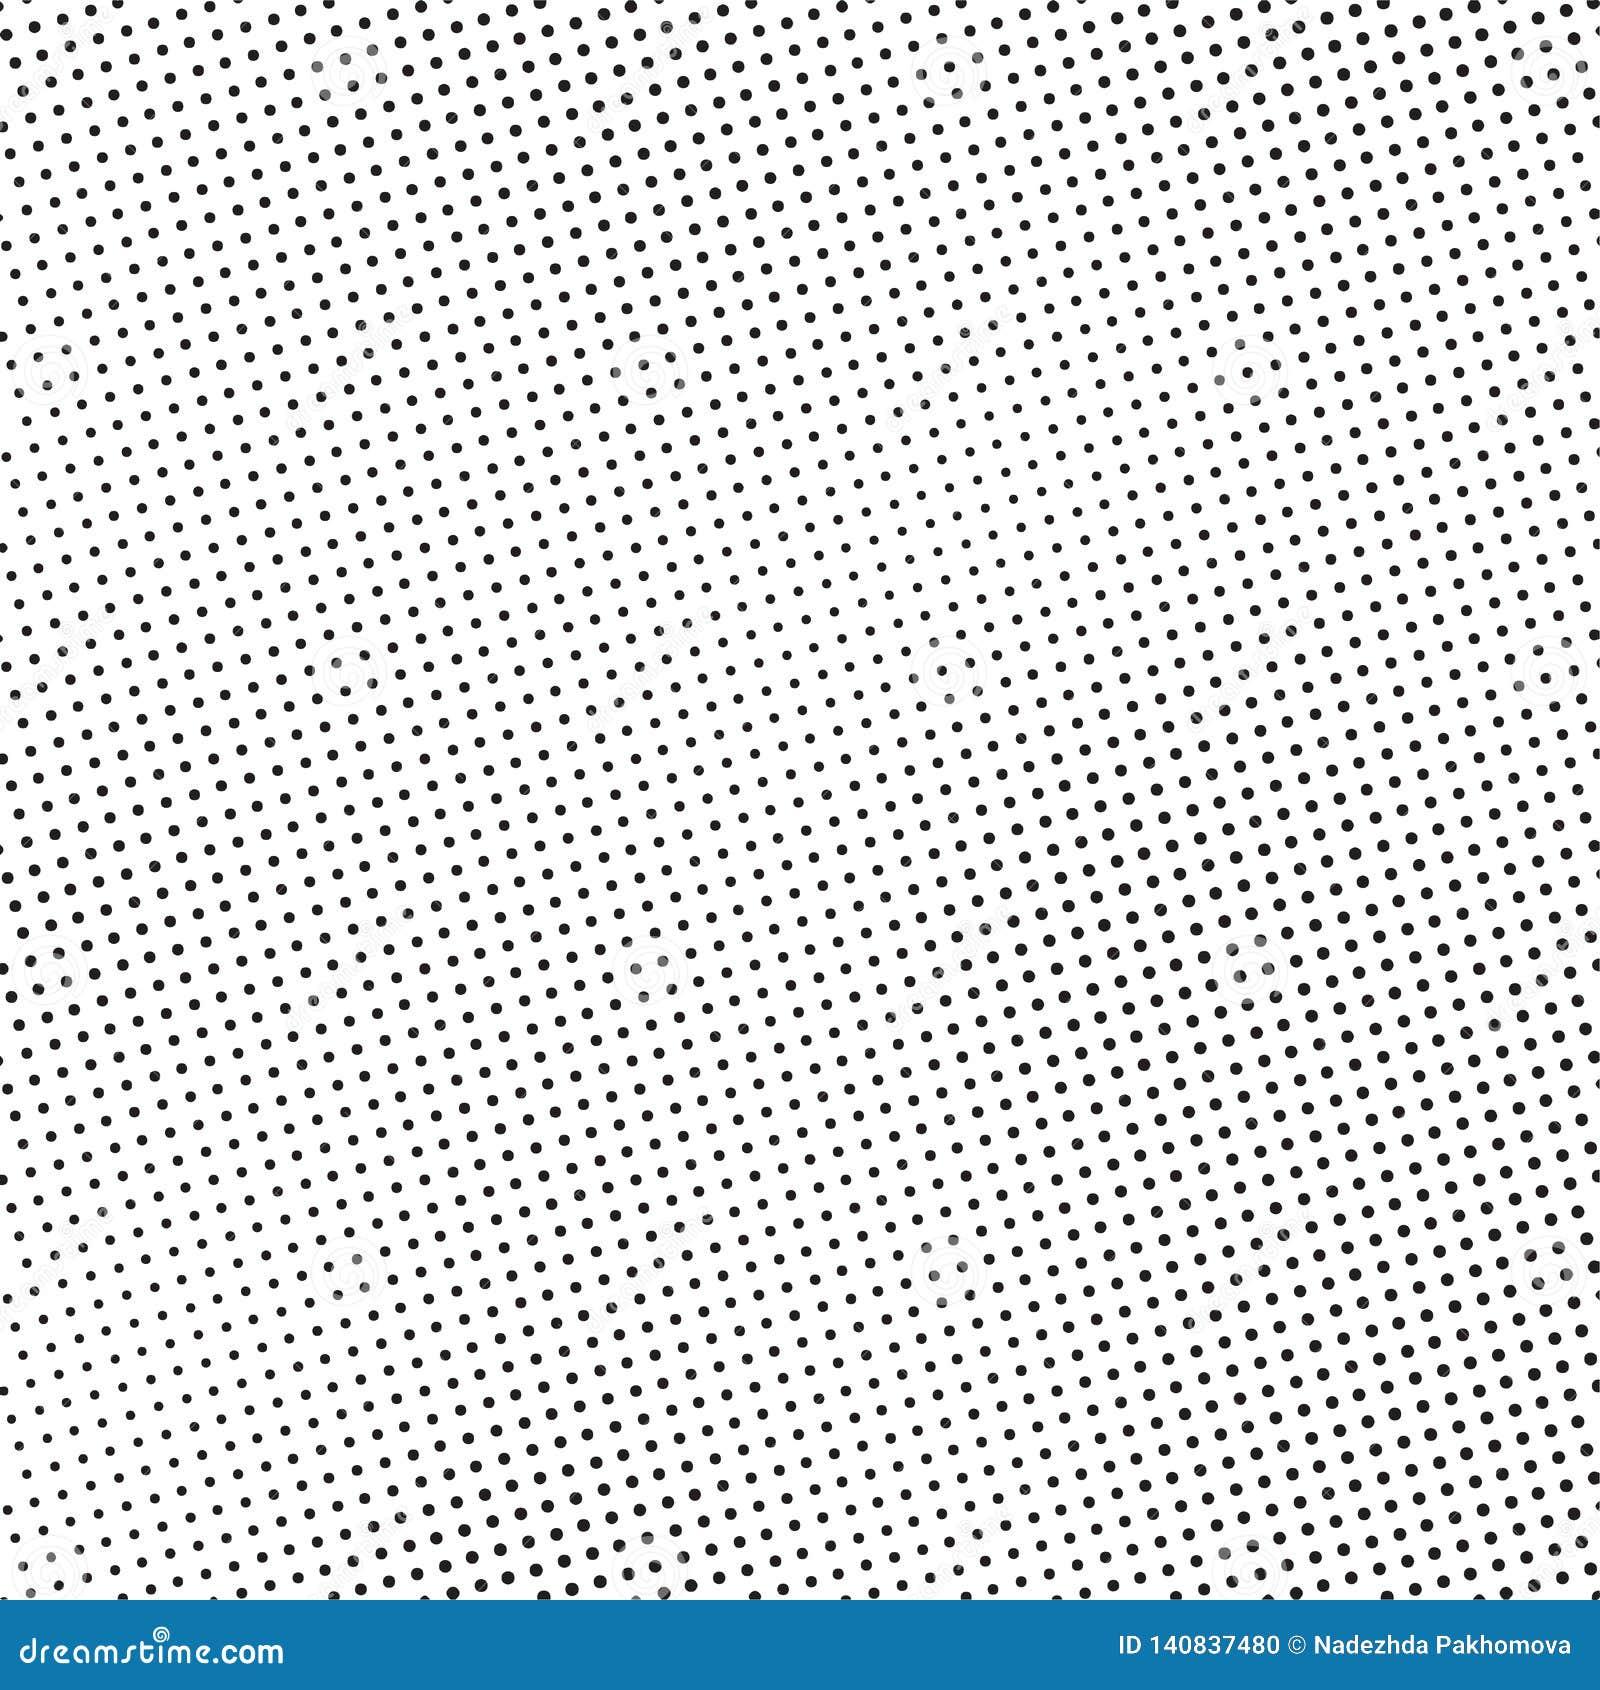 Comic Pop Art Style Banner Design, Screen Print Texture